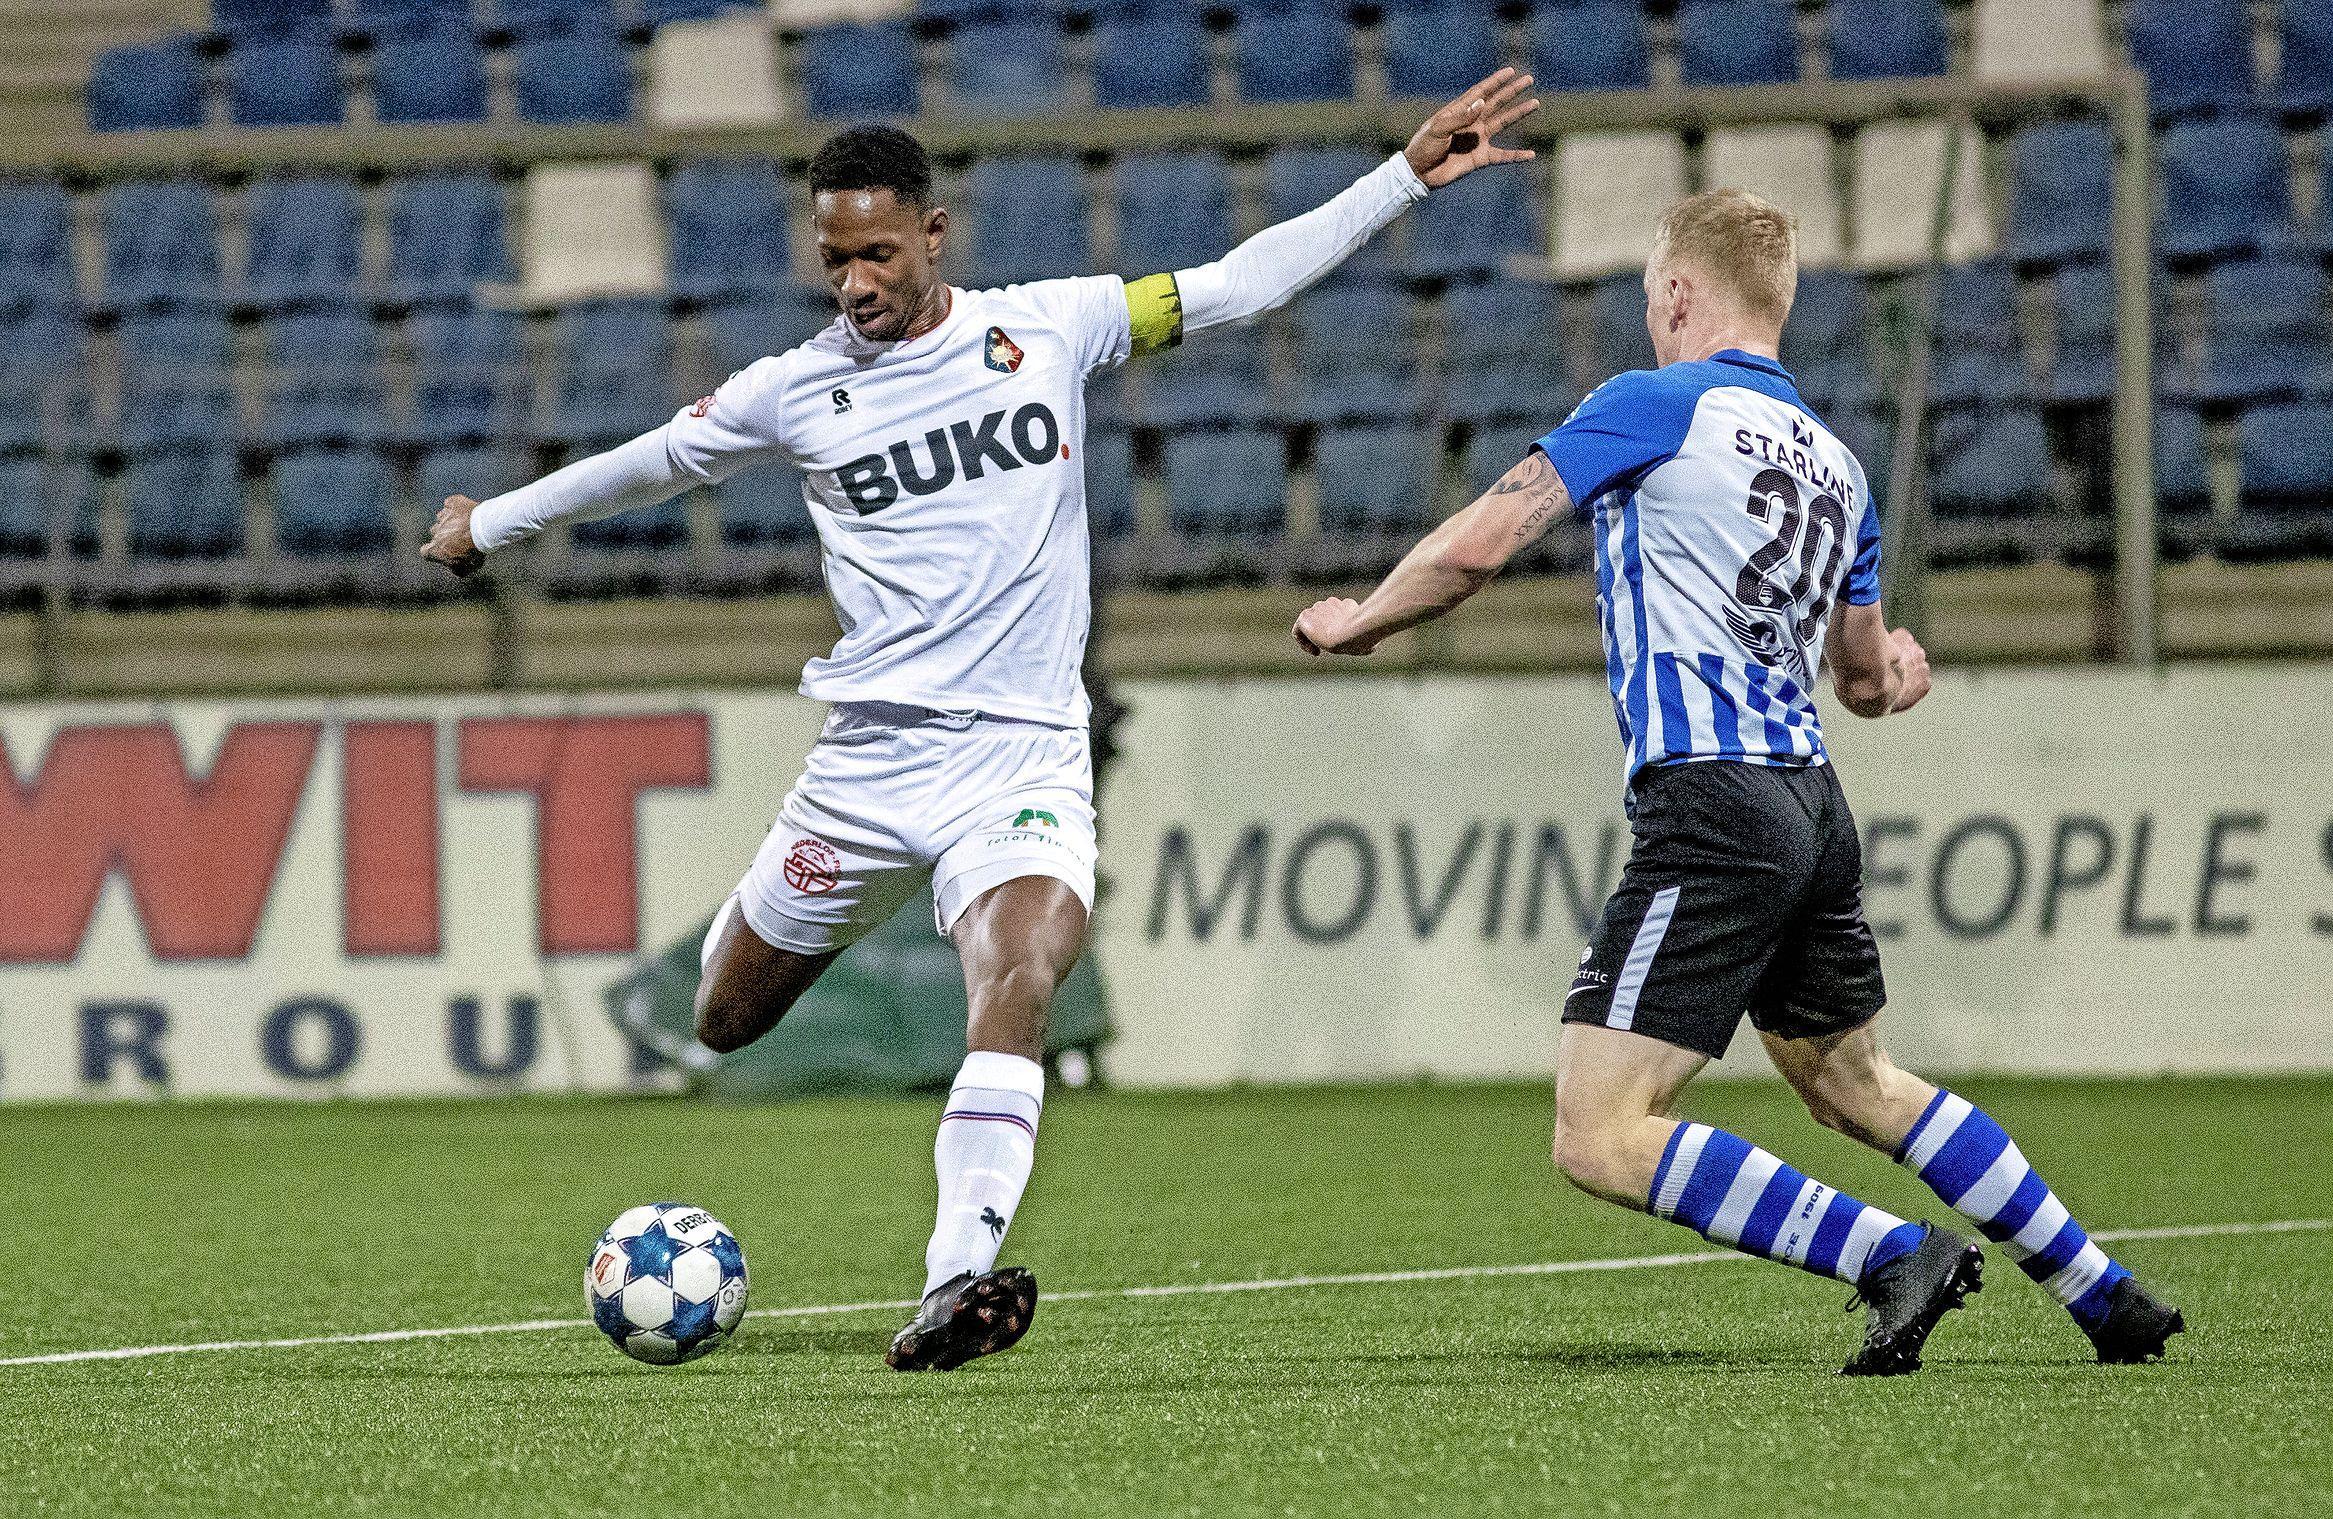 Hoogte spelersbudget Telstar speelt mee in beslissing Andries Jonker om te blijven of te vertrekken: 'Ik wil niet naar beneden'